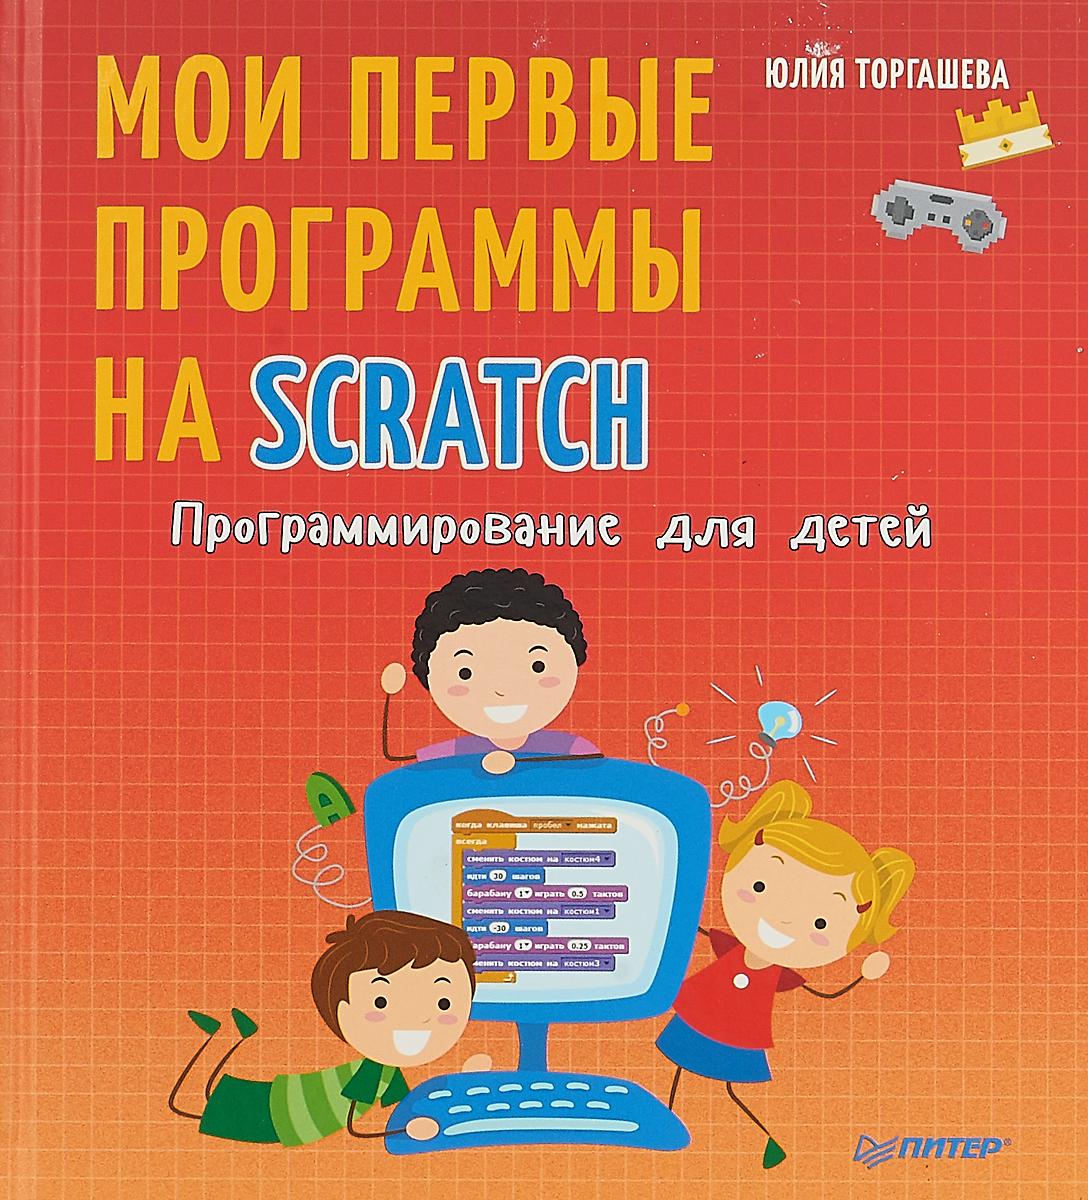 Юлия Торгашева Программирование для детей. Мои первые программы на Scratch